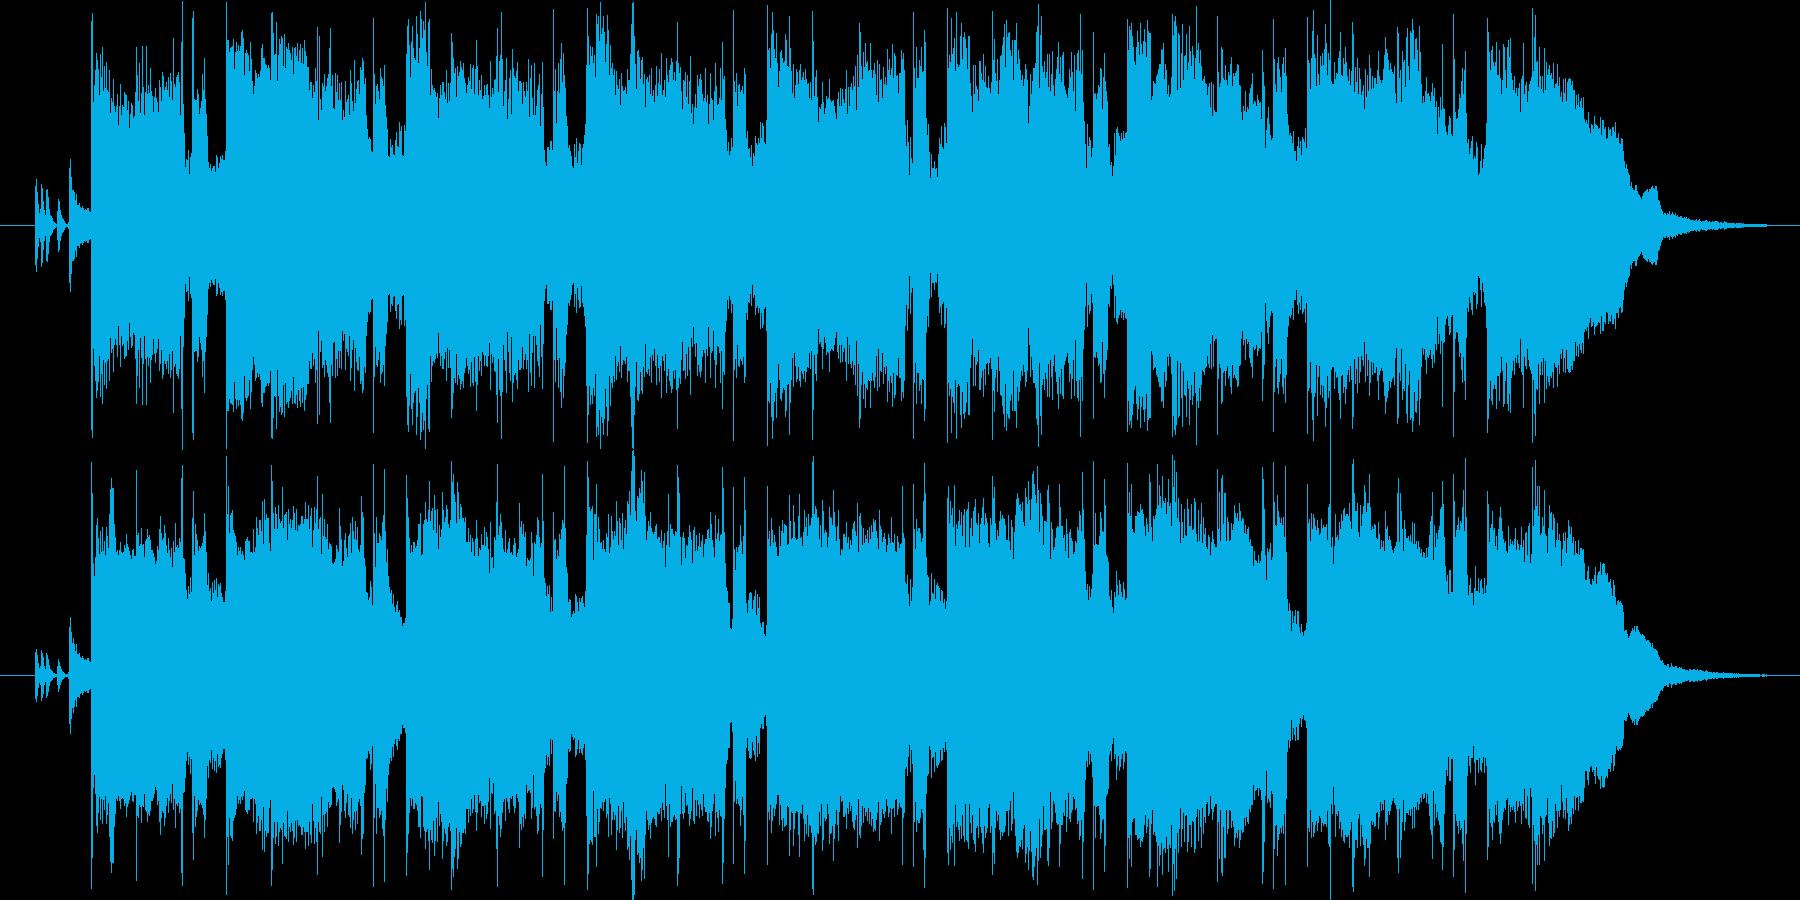 レクイエムをイメージした静かな曲の再生済みの波形